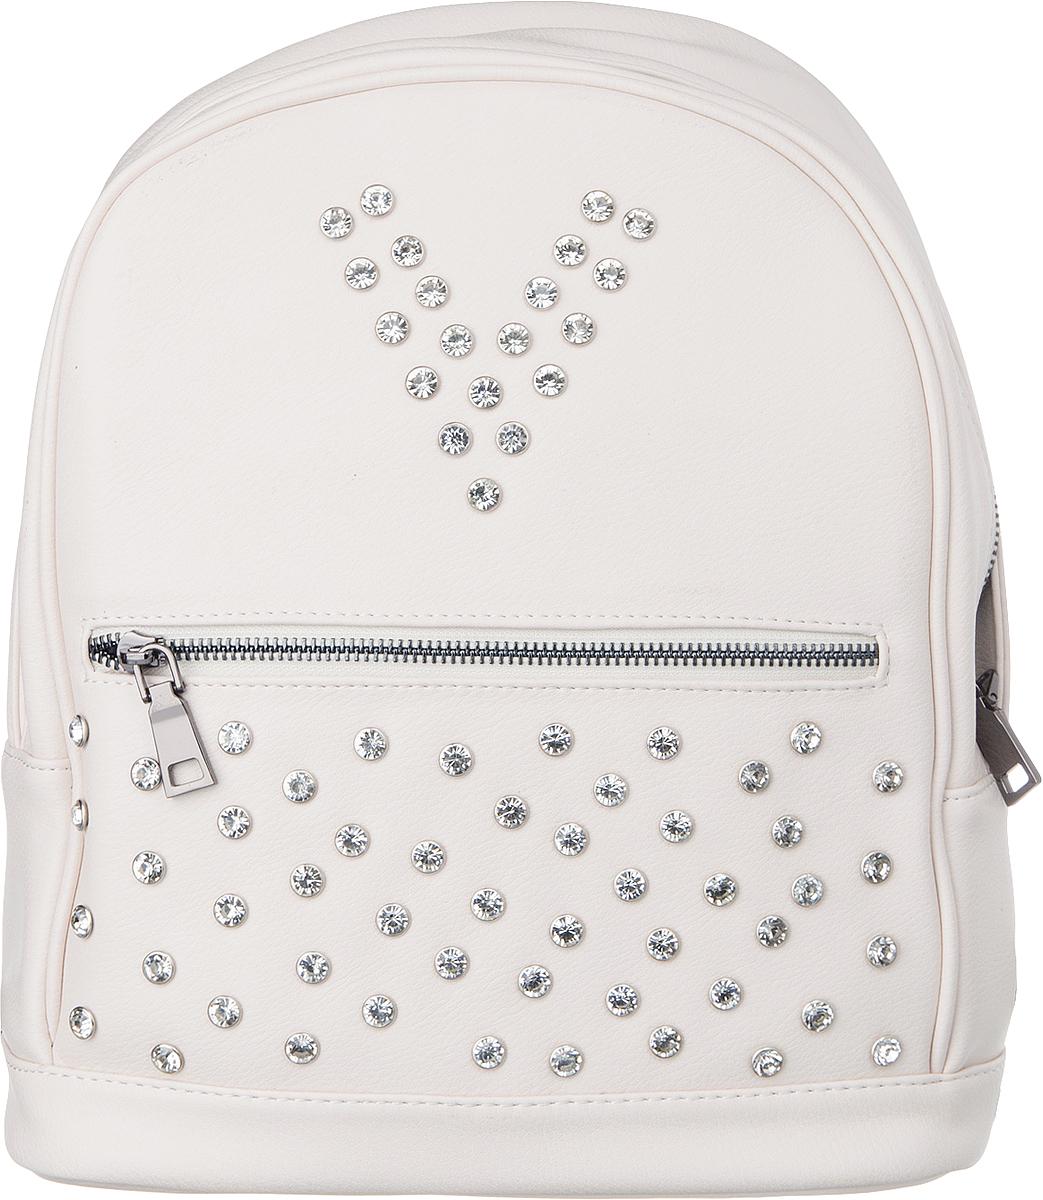 Рюкзак женский Vitacci, цвет: пудровый. V1269V1269Рюкзак женский Vitacci благодаря своей стильной фактуре идеально подходит для прогулок в городе и на отдыхе. Имеется внешний карман на молнии. Передняя часть рюкзака декорирована металлическими заклепками.